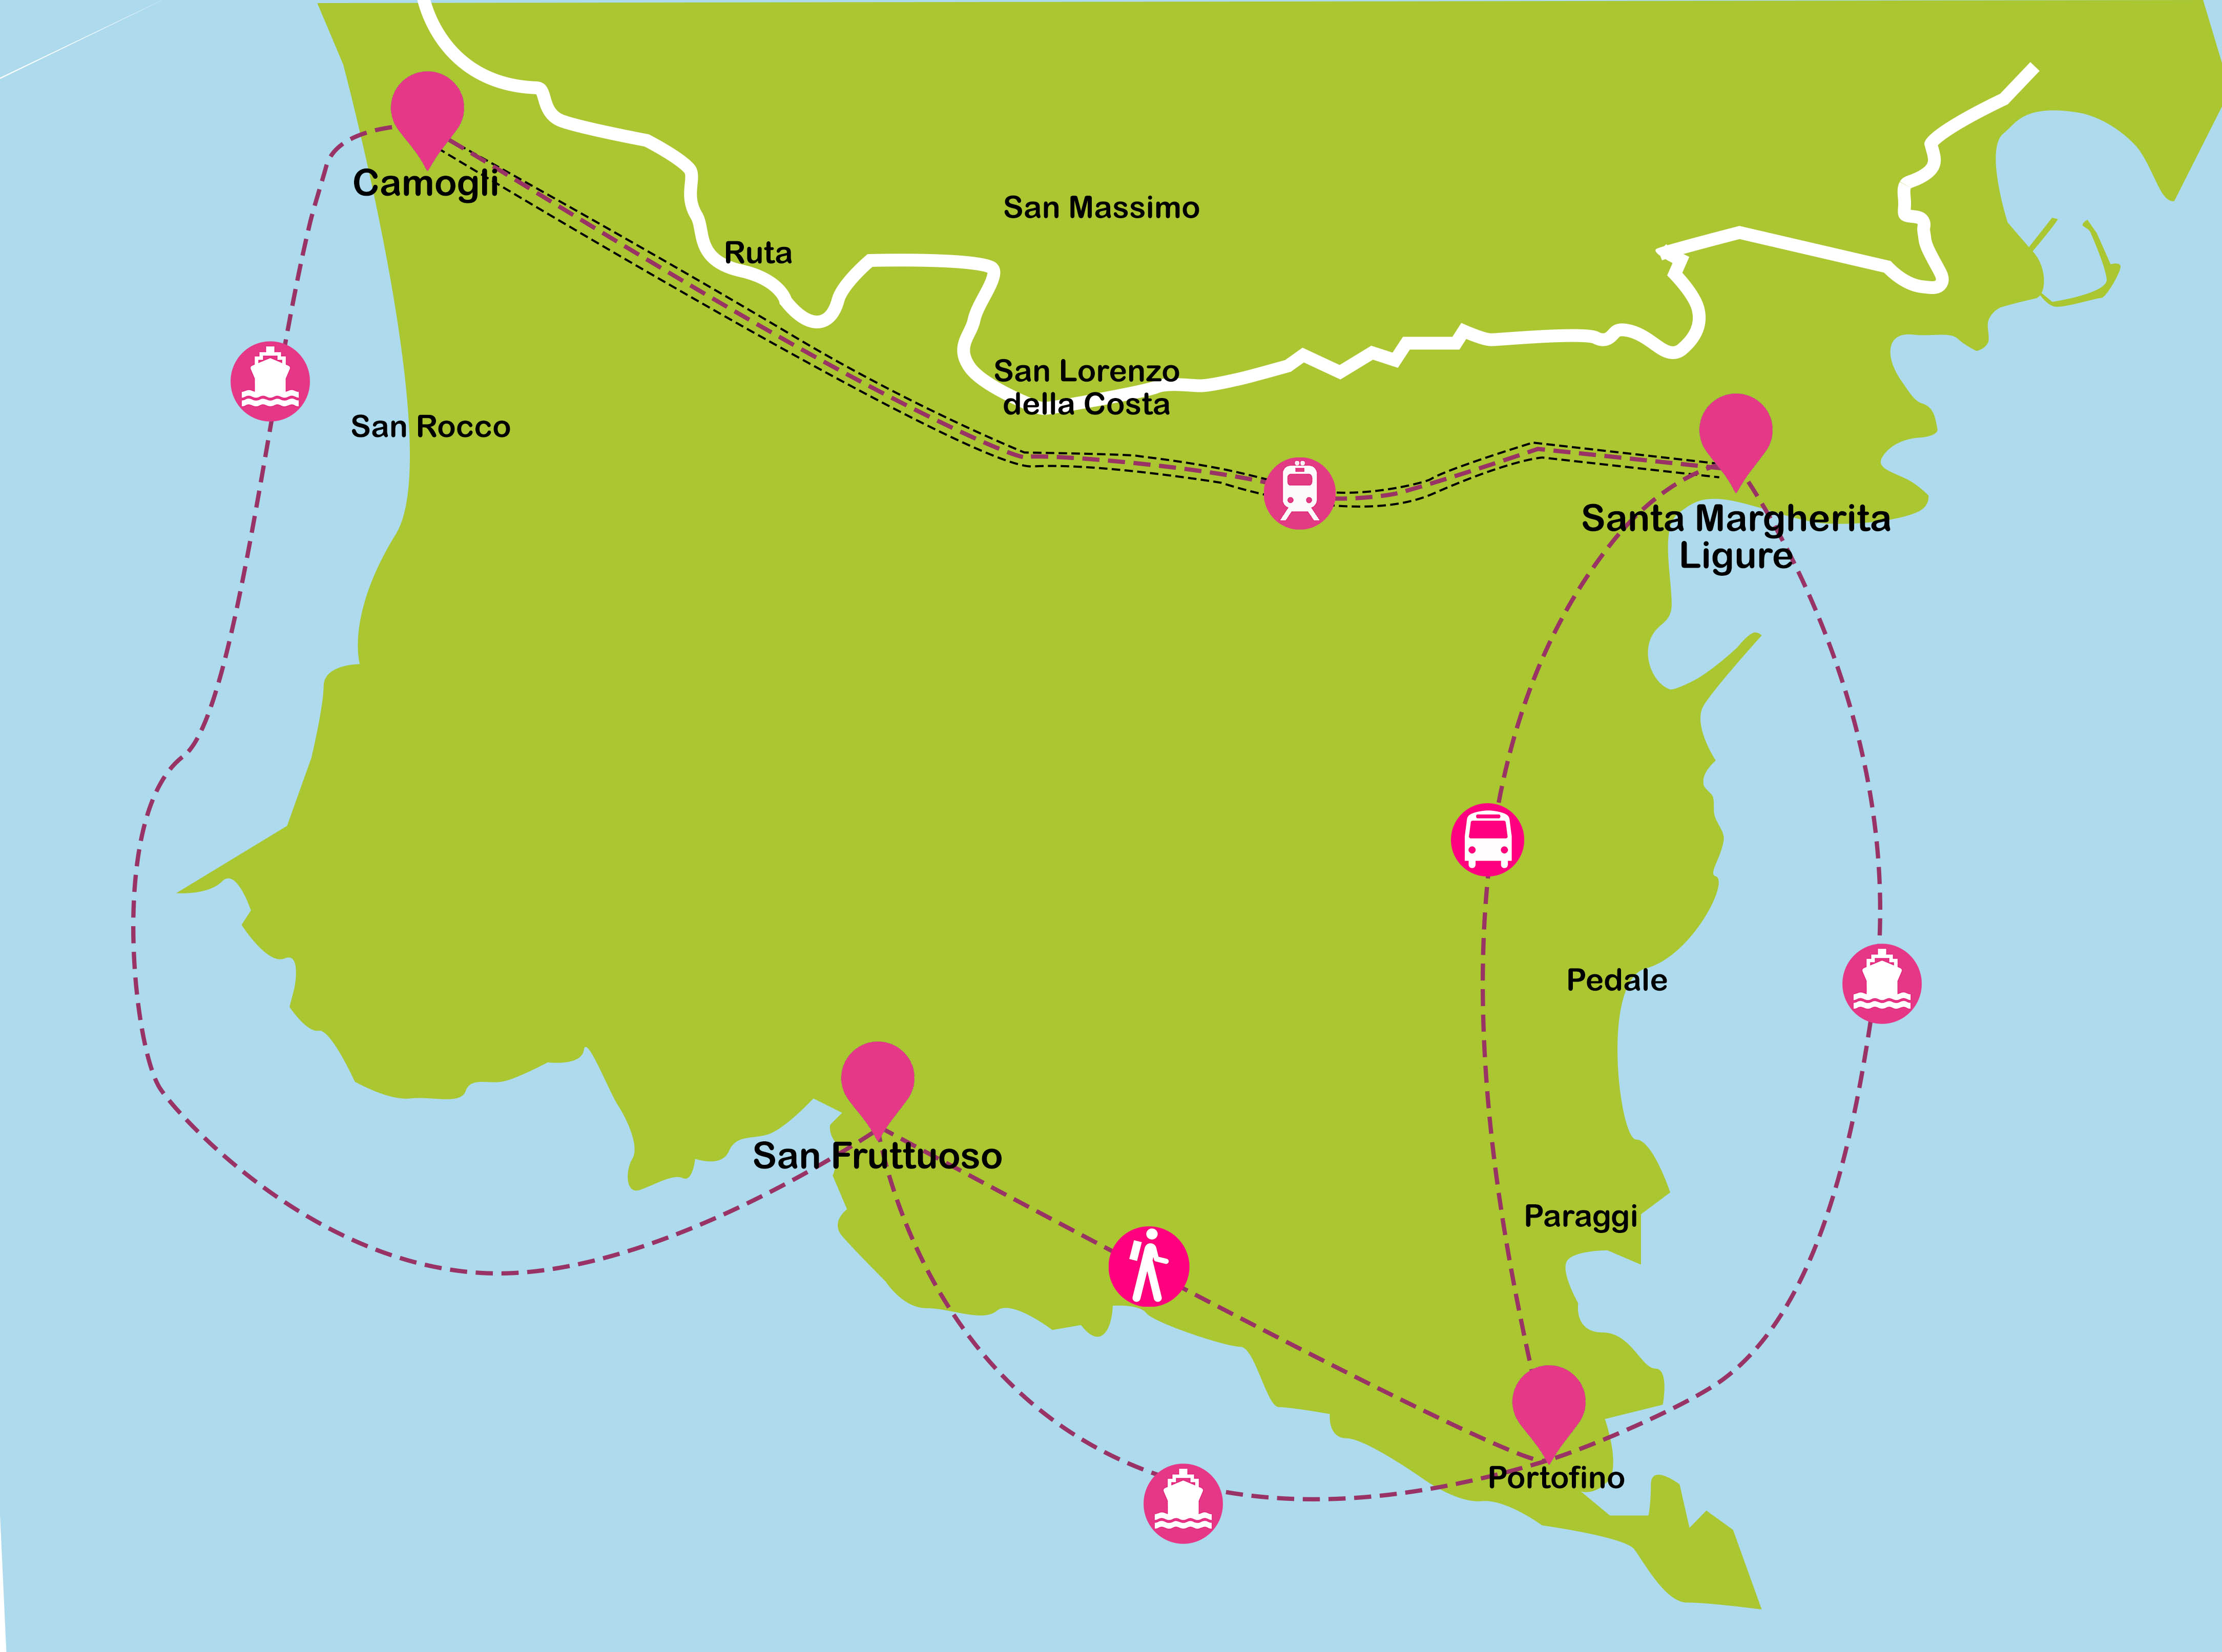 Mapa de Italia. De Sta Margherita Ligure a Camogli, San Fruttuoso y Portofino